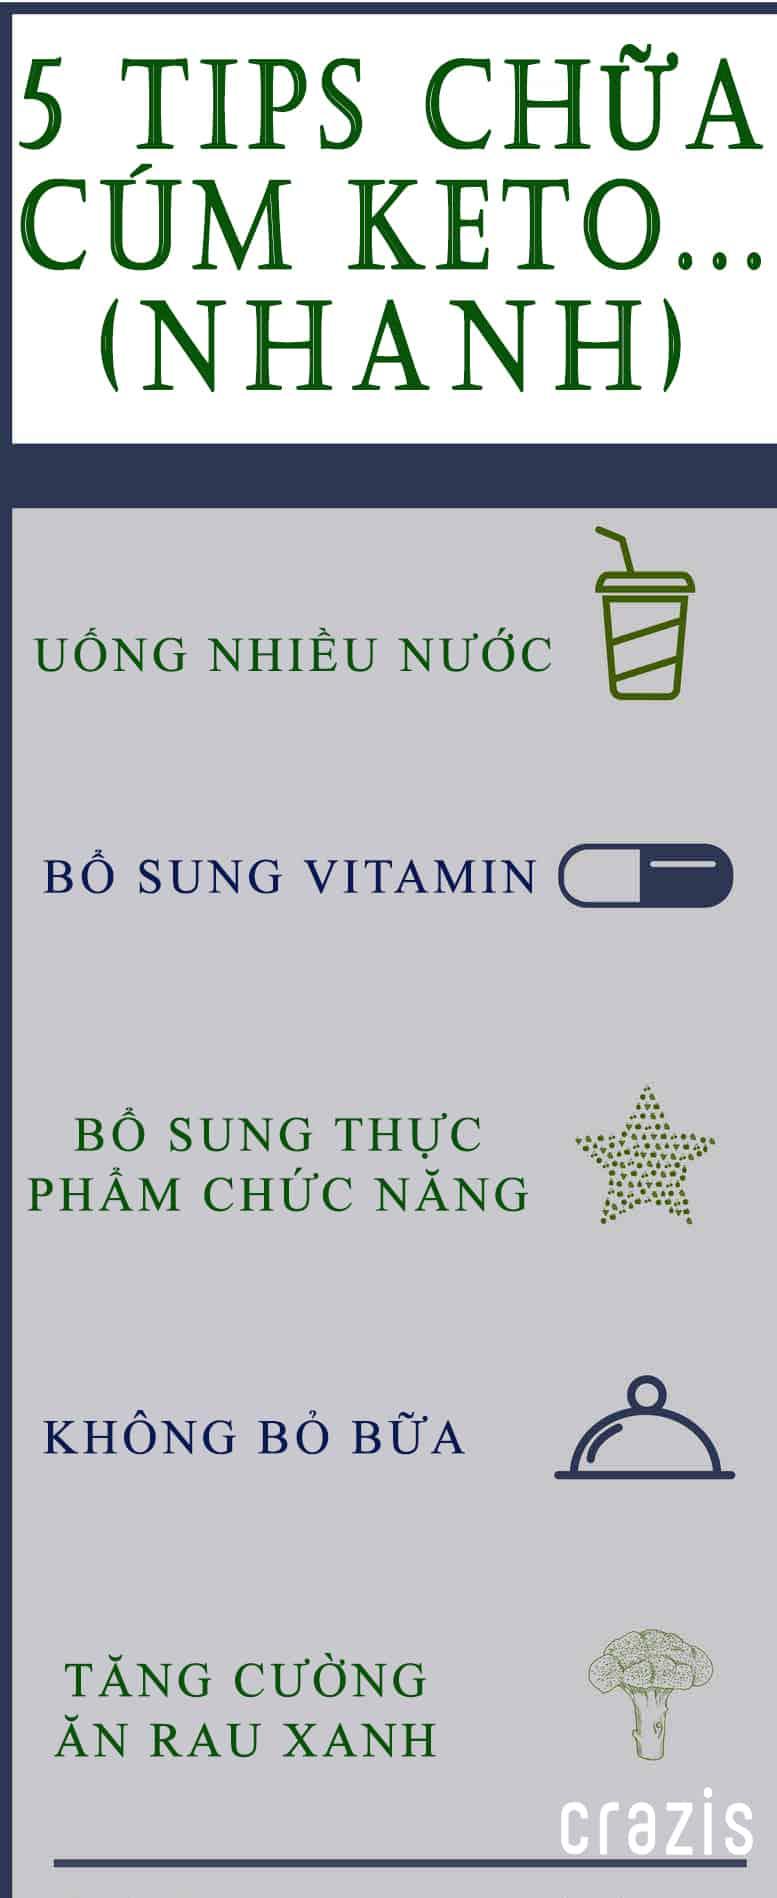 5 tips chữa cúm Keto (NHANH NHẤT)